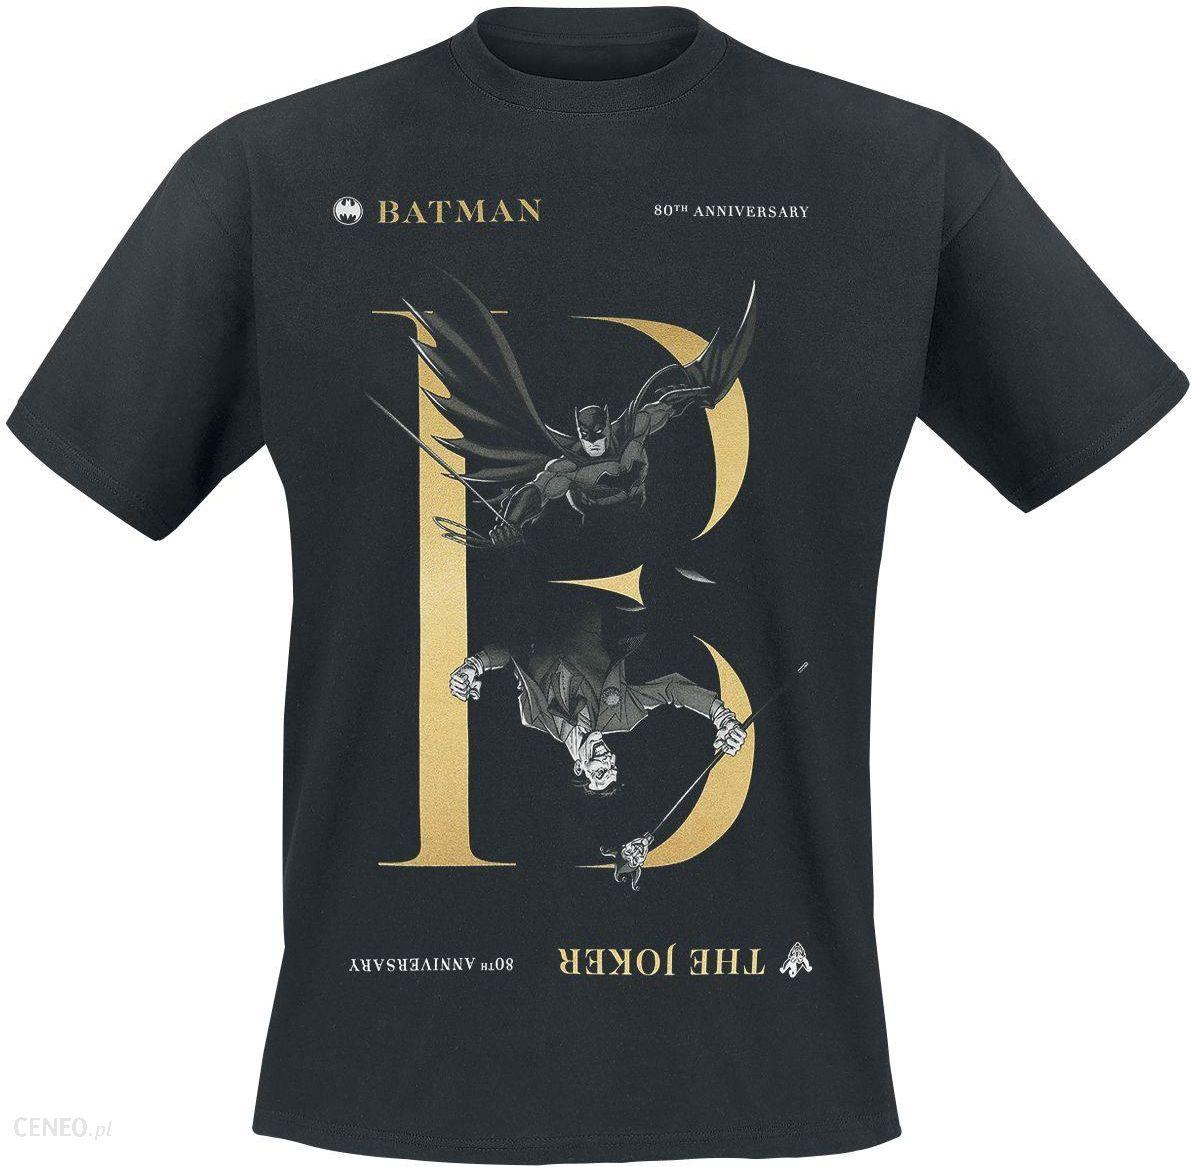 806aa1822 Batman - 80th - Batman/Joker - T-Shirt - Mężczyźni - czarny - Ceny i ...